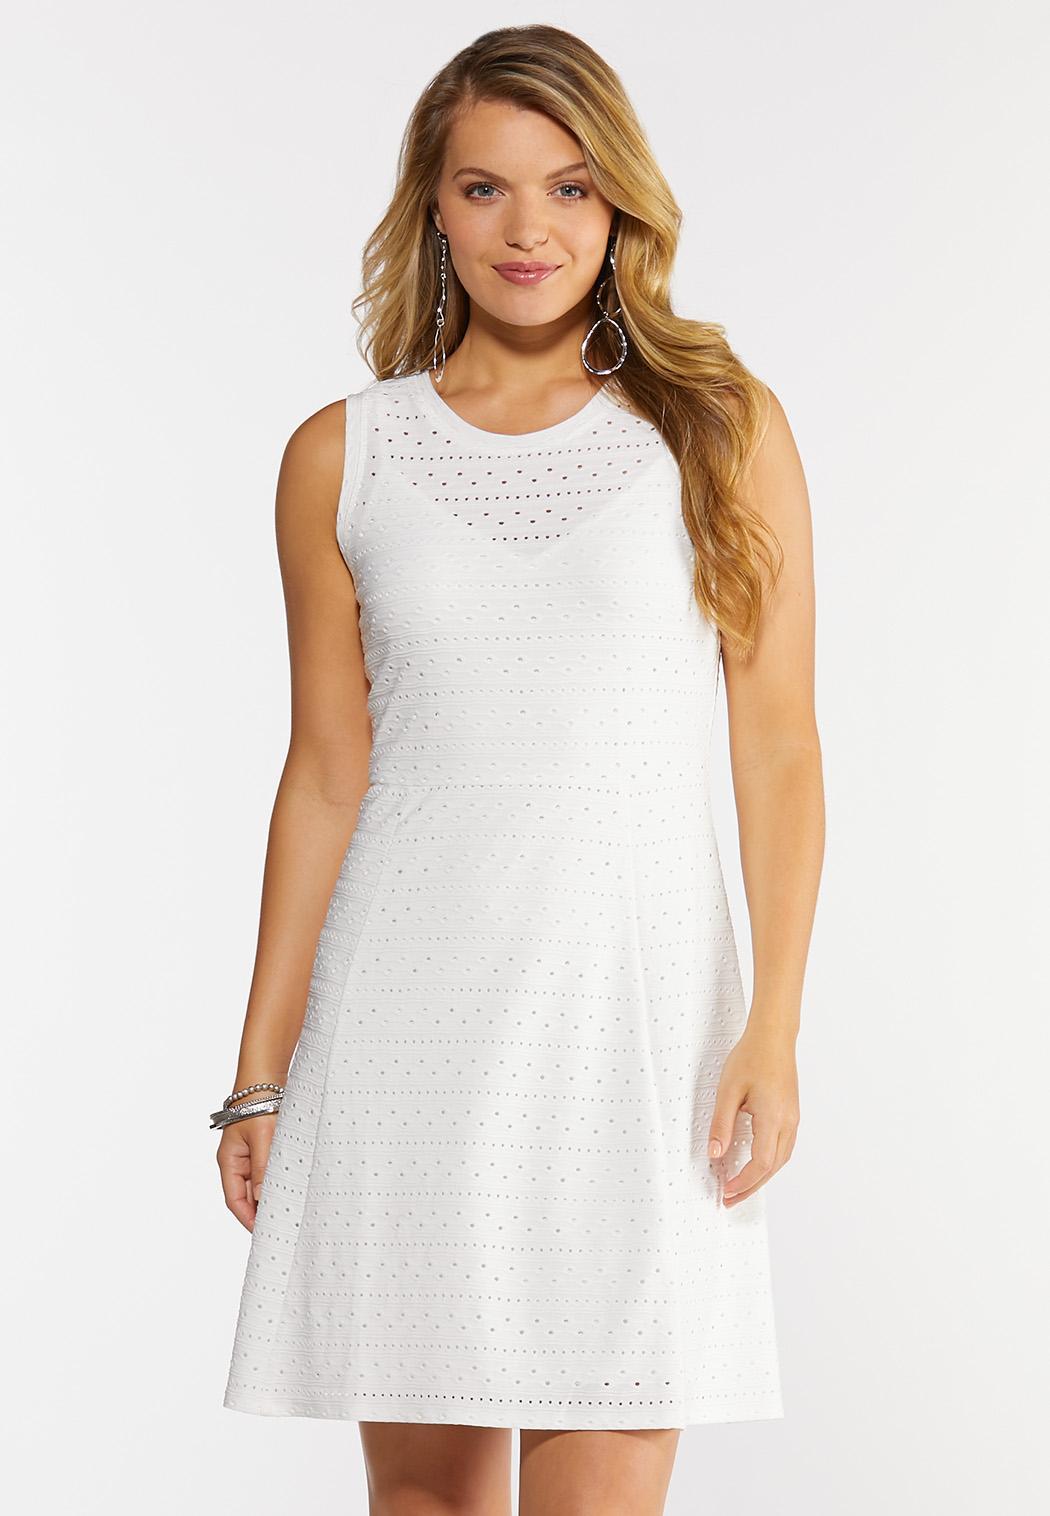 Plus Size White Eyelet Knit Dress